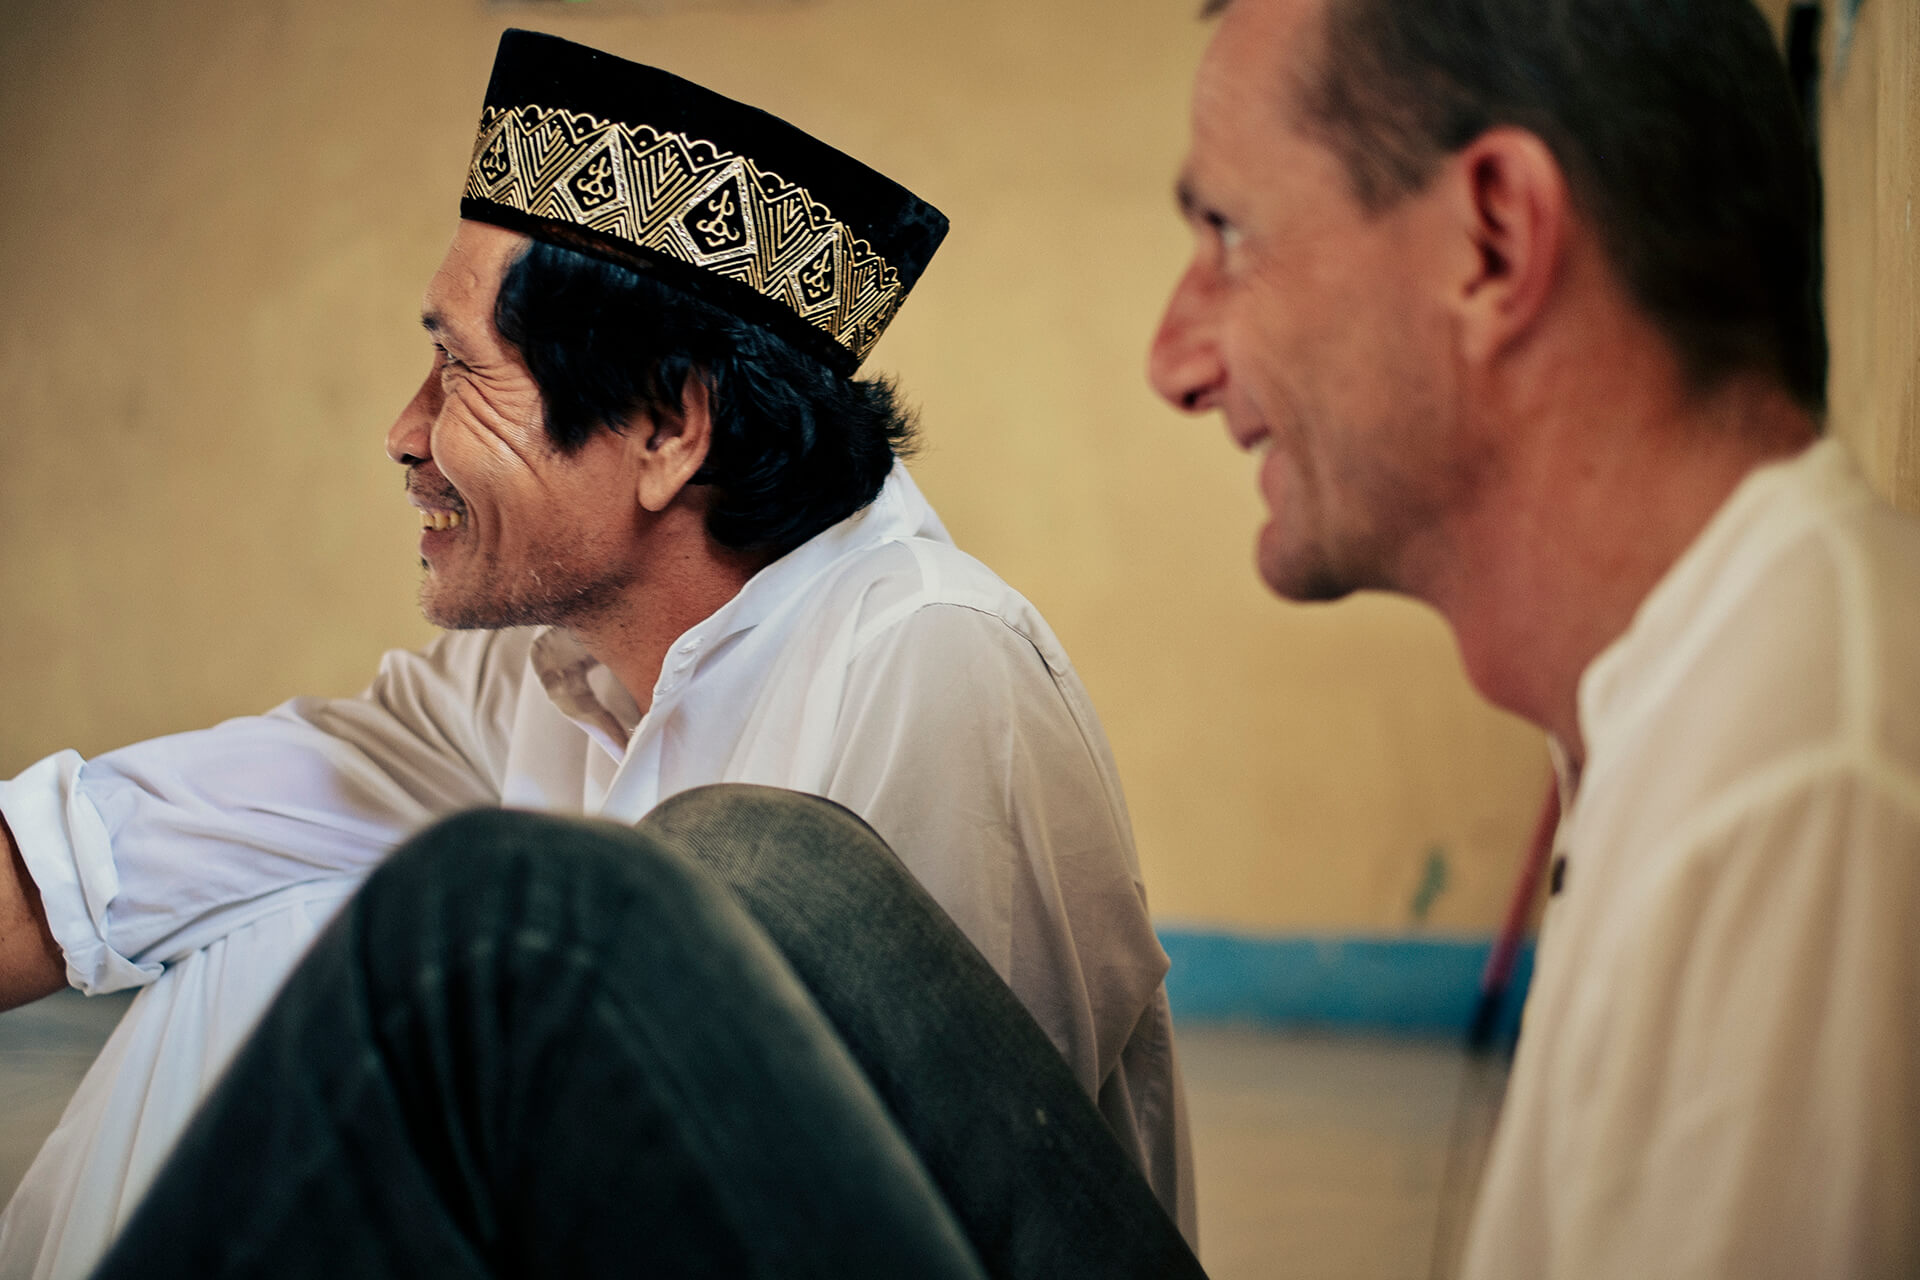 Imam Eldio and Wolfgang Dafert smiling